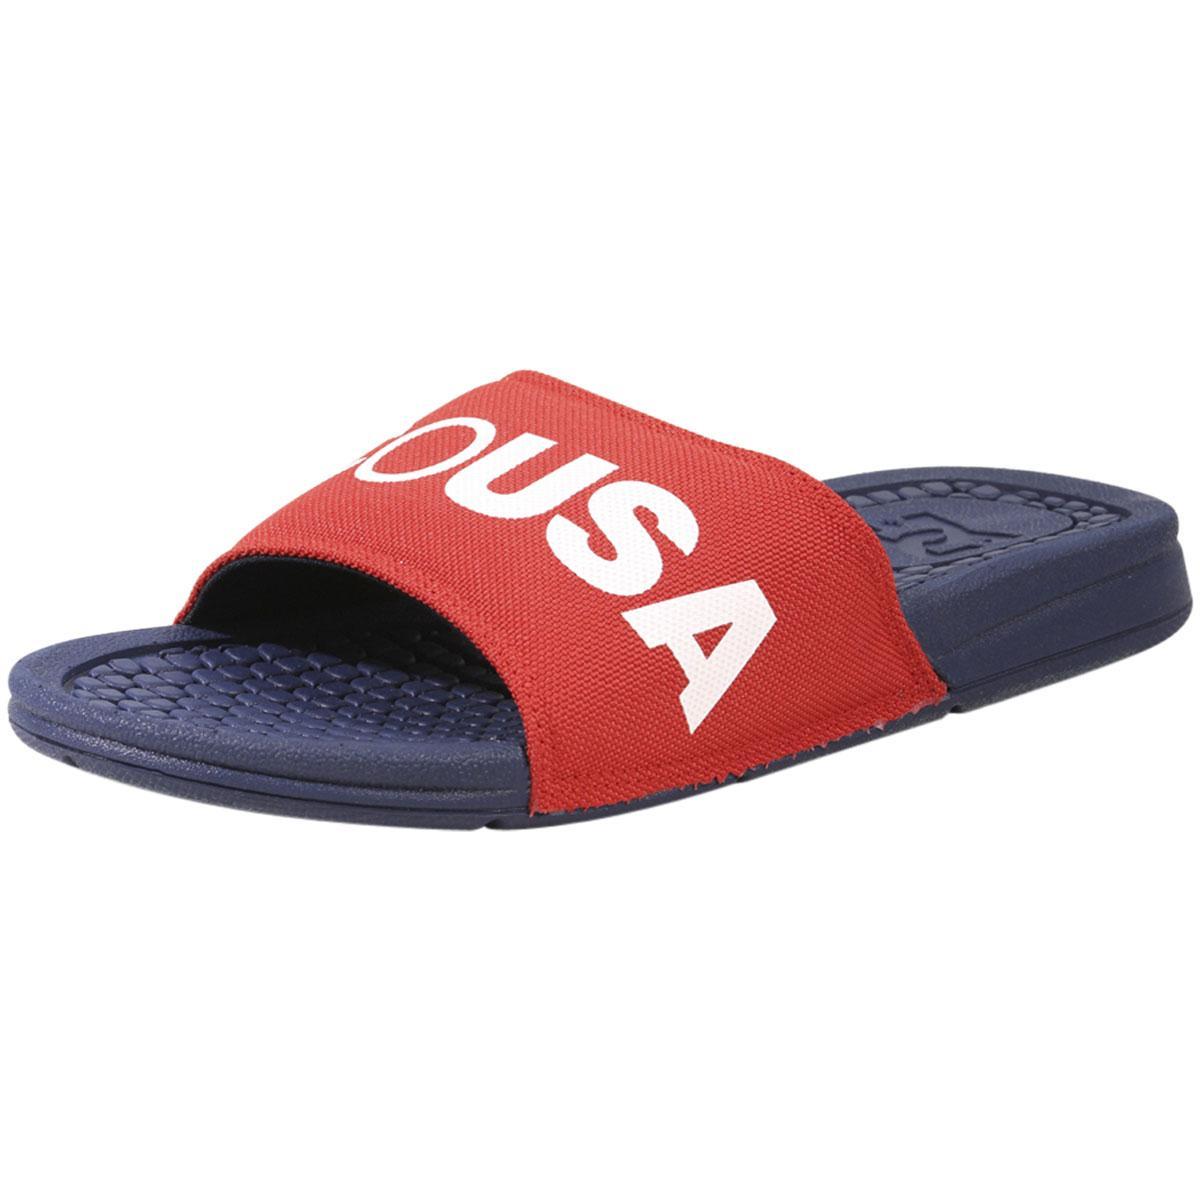 4821e0f1c851f DC Shoes Men s Bolsa-SP Slides Sandals Shoes by DC Shoes